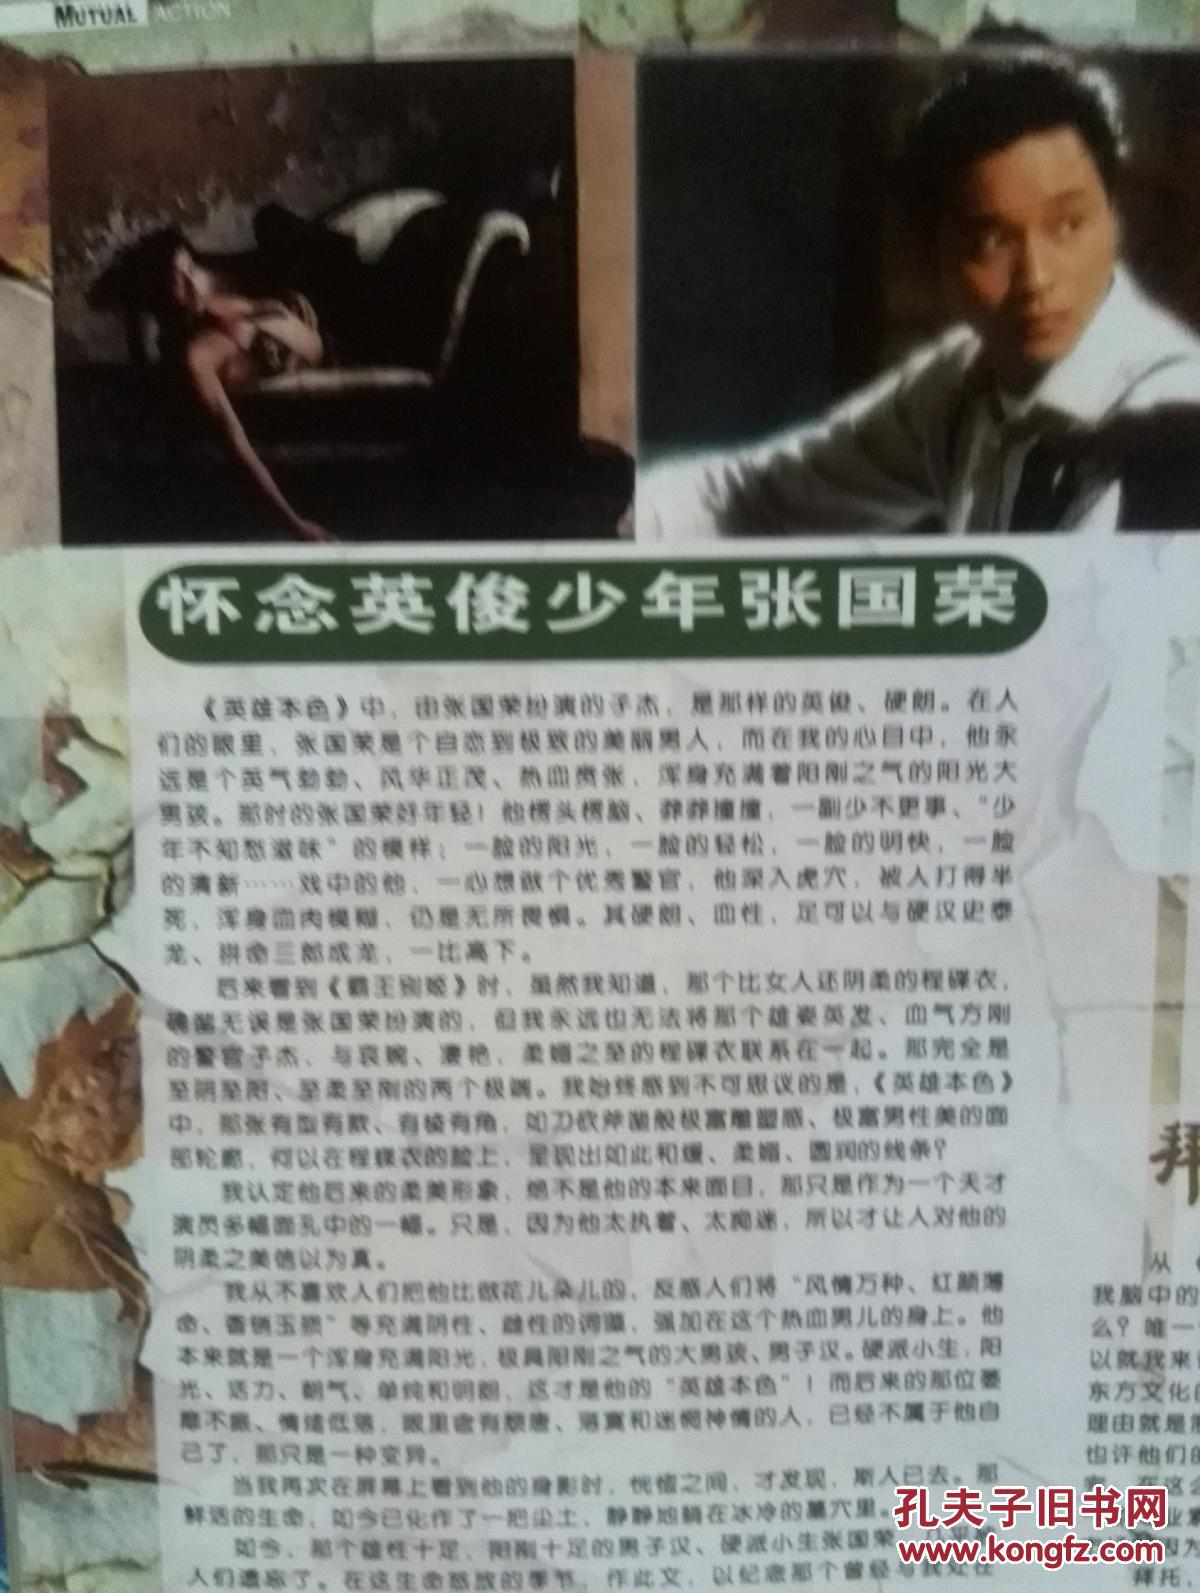 怀念英雄少年张国荣,张柏芝,杨坤,陈冠希,谢霆锋,任达华《青年干探》